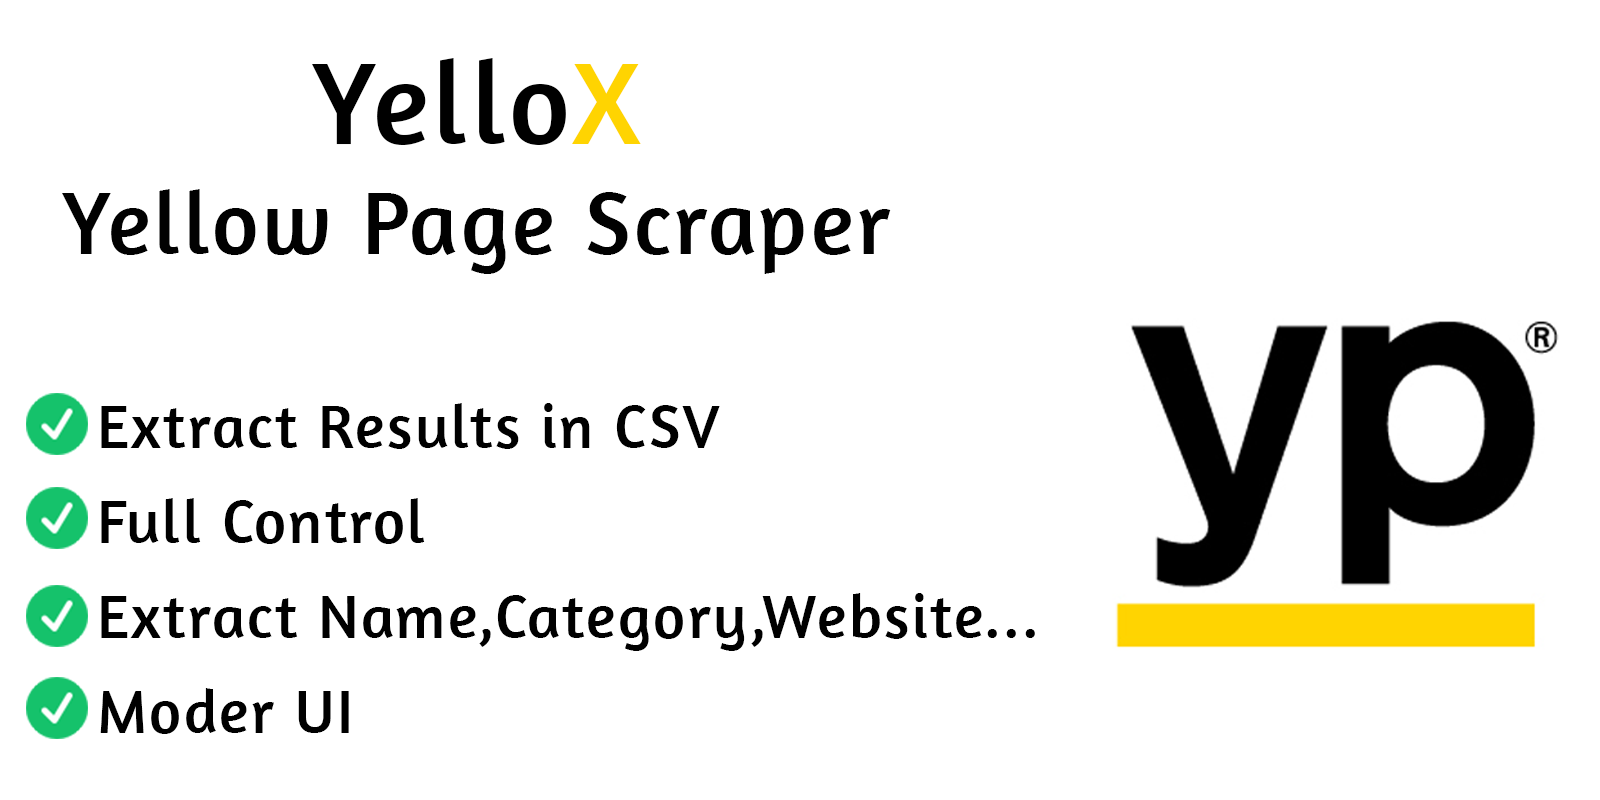 YelloX Yellow Page Scraper PRO